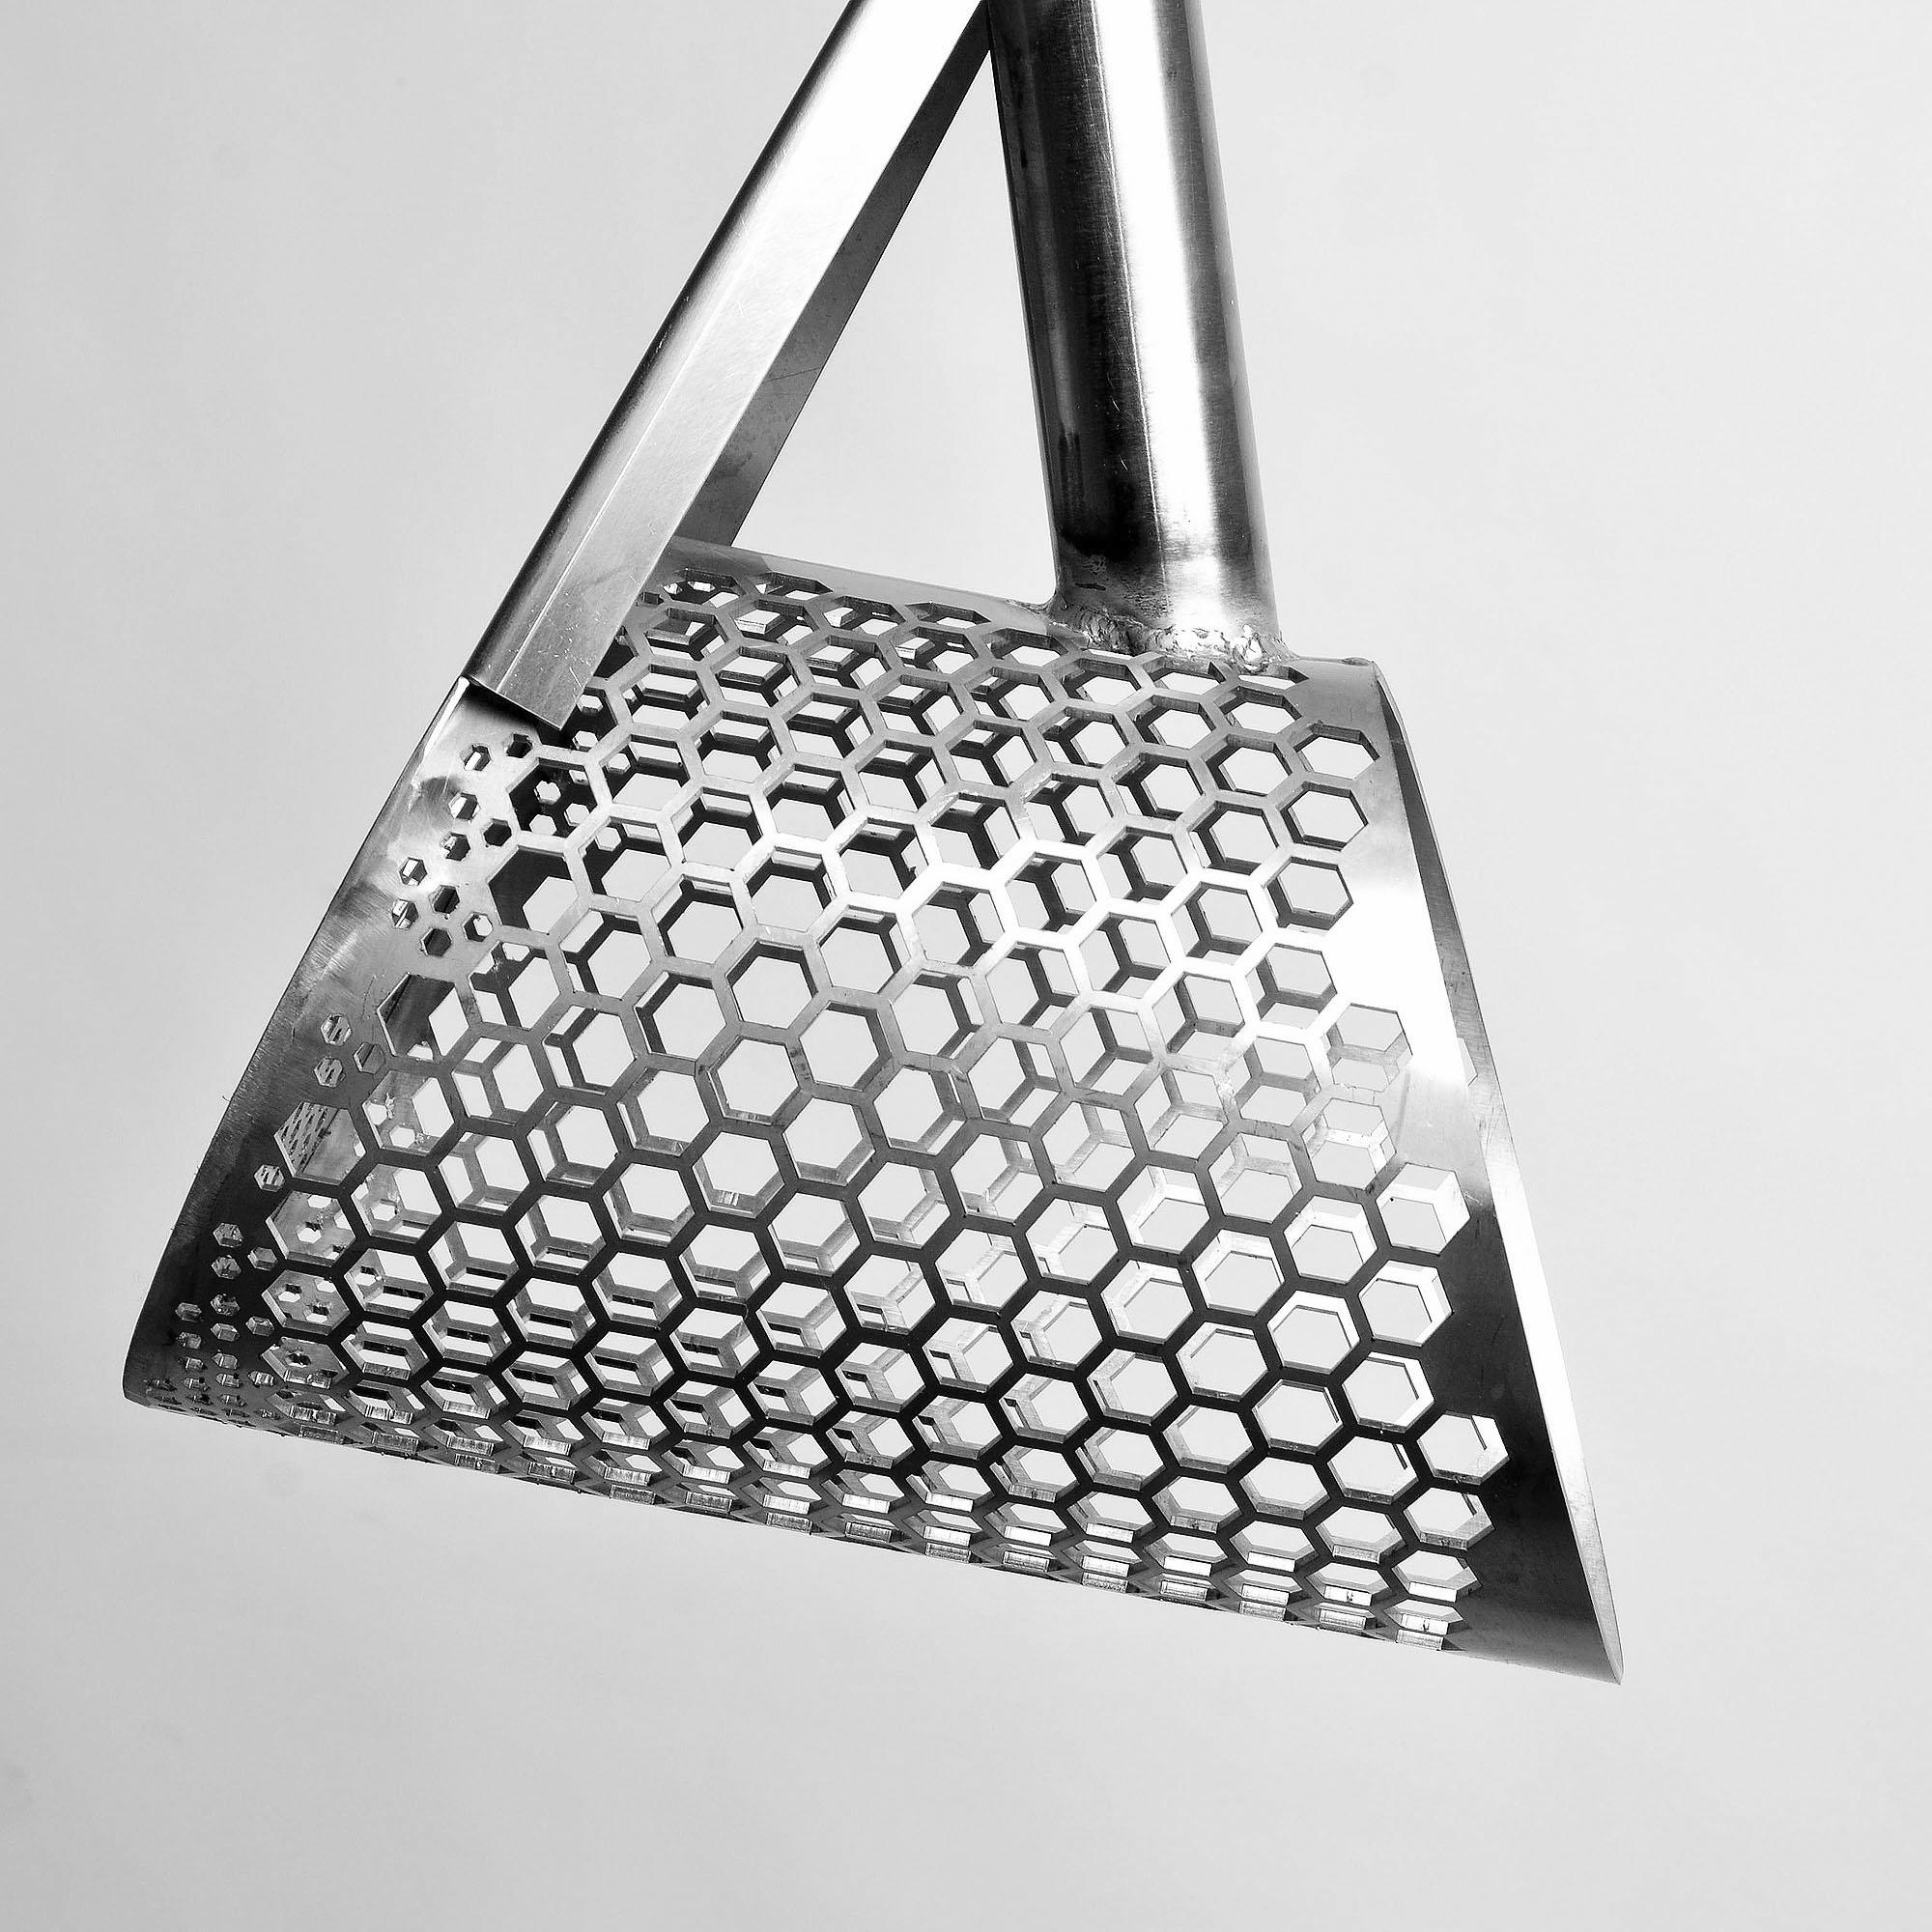 Metal Detecting Stainless Steel Scoop Henry blade